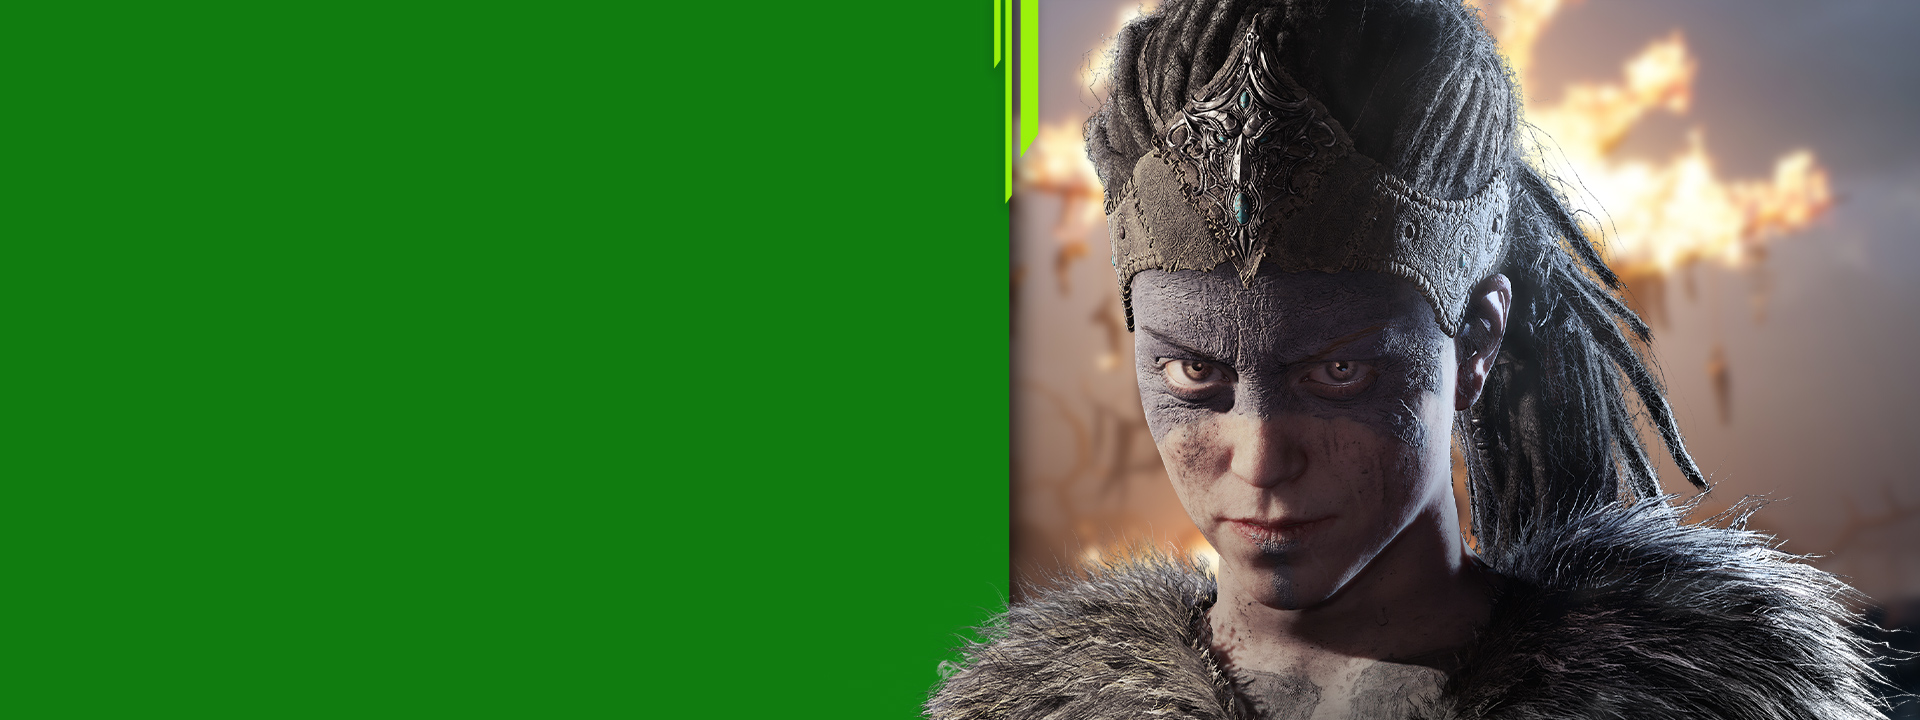 Senua, un guerrero celta roto, en Hellblade: Senua's Sacrifice